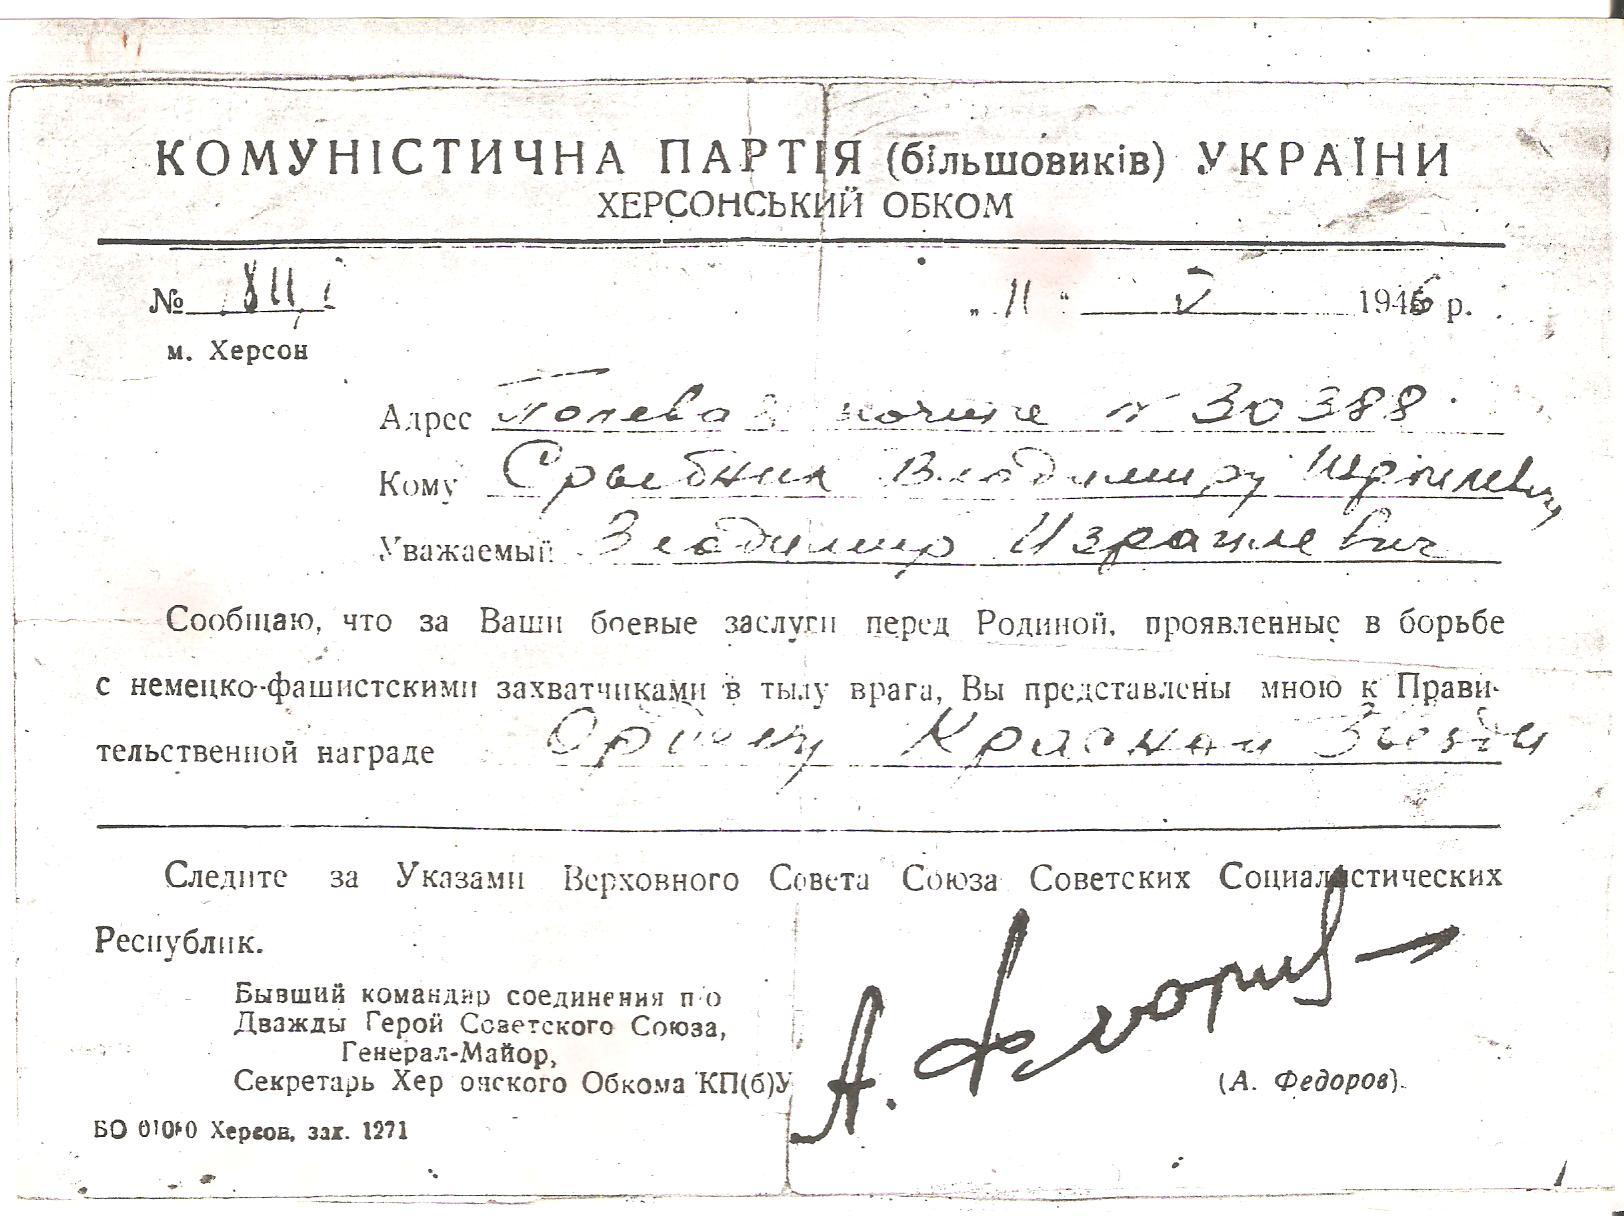 Представление к ордену Красной Звезды.jpg